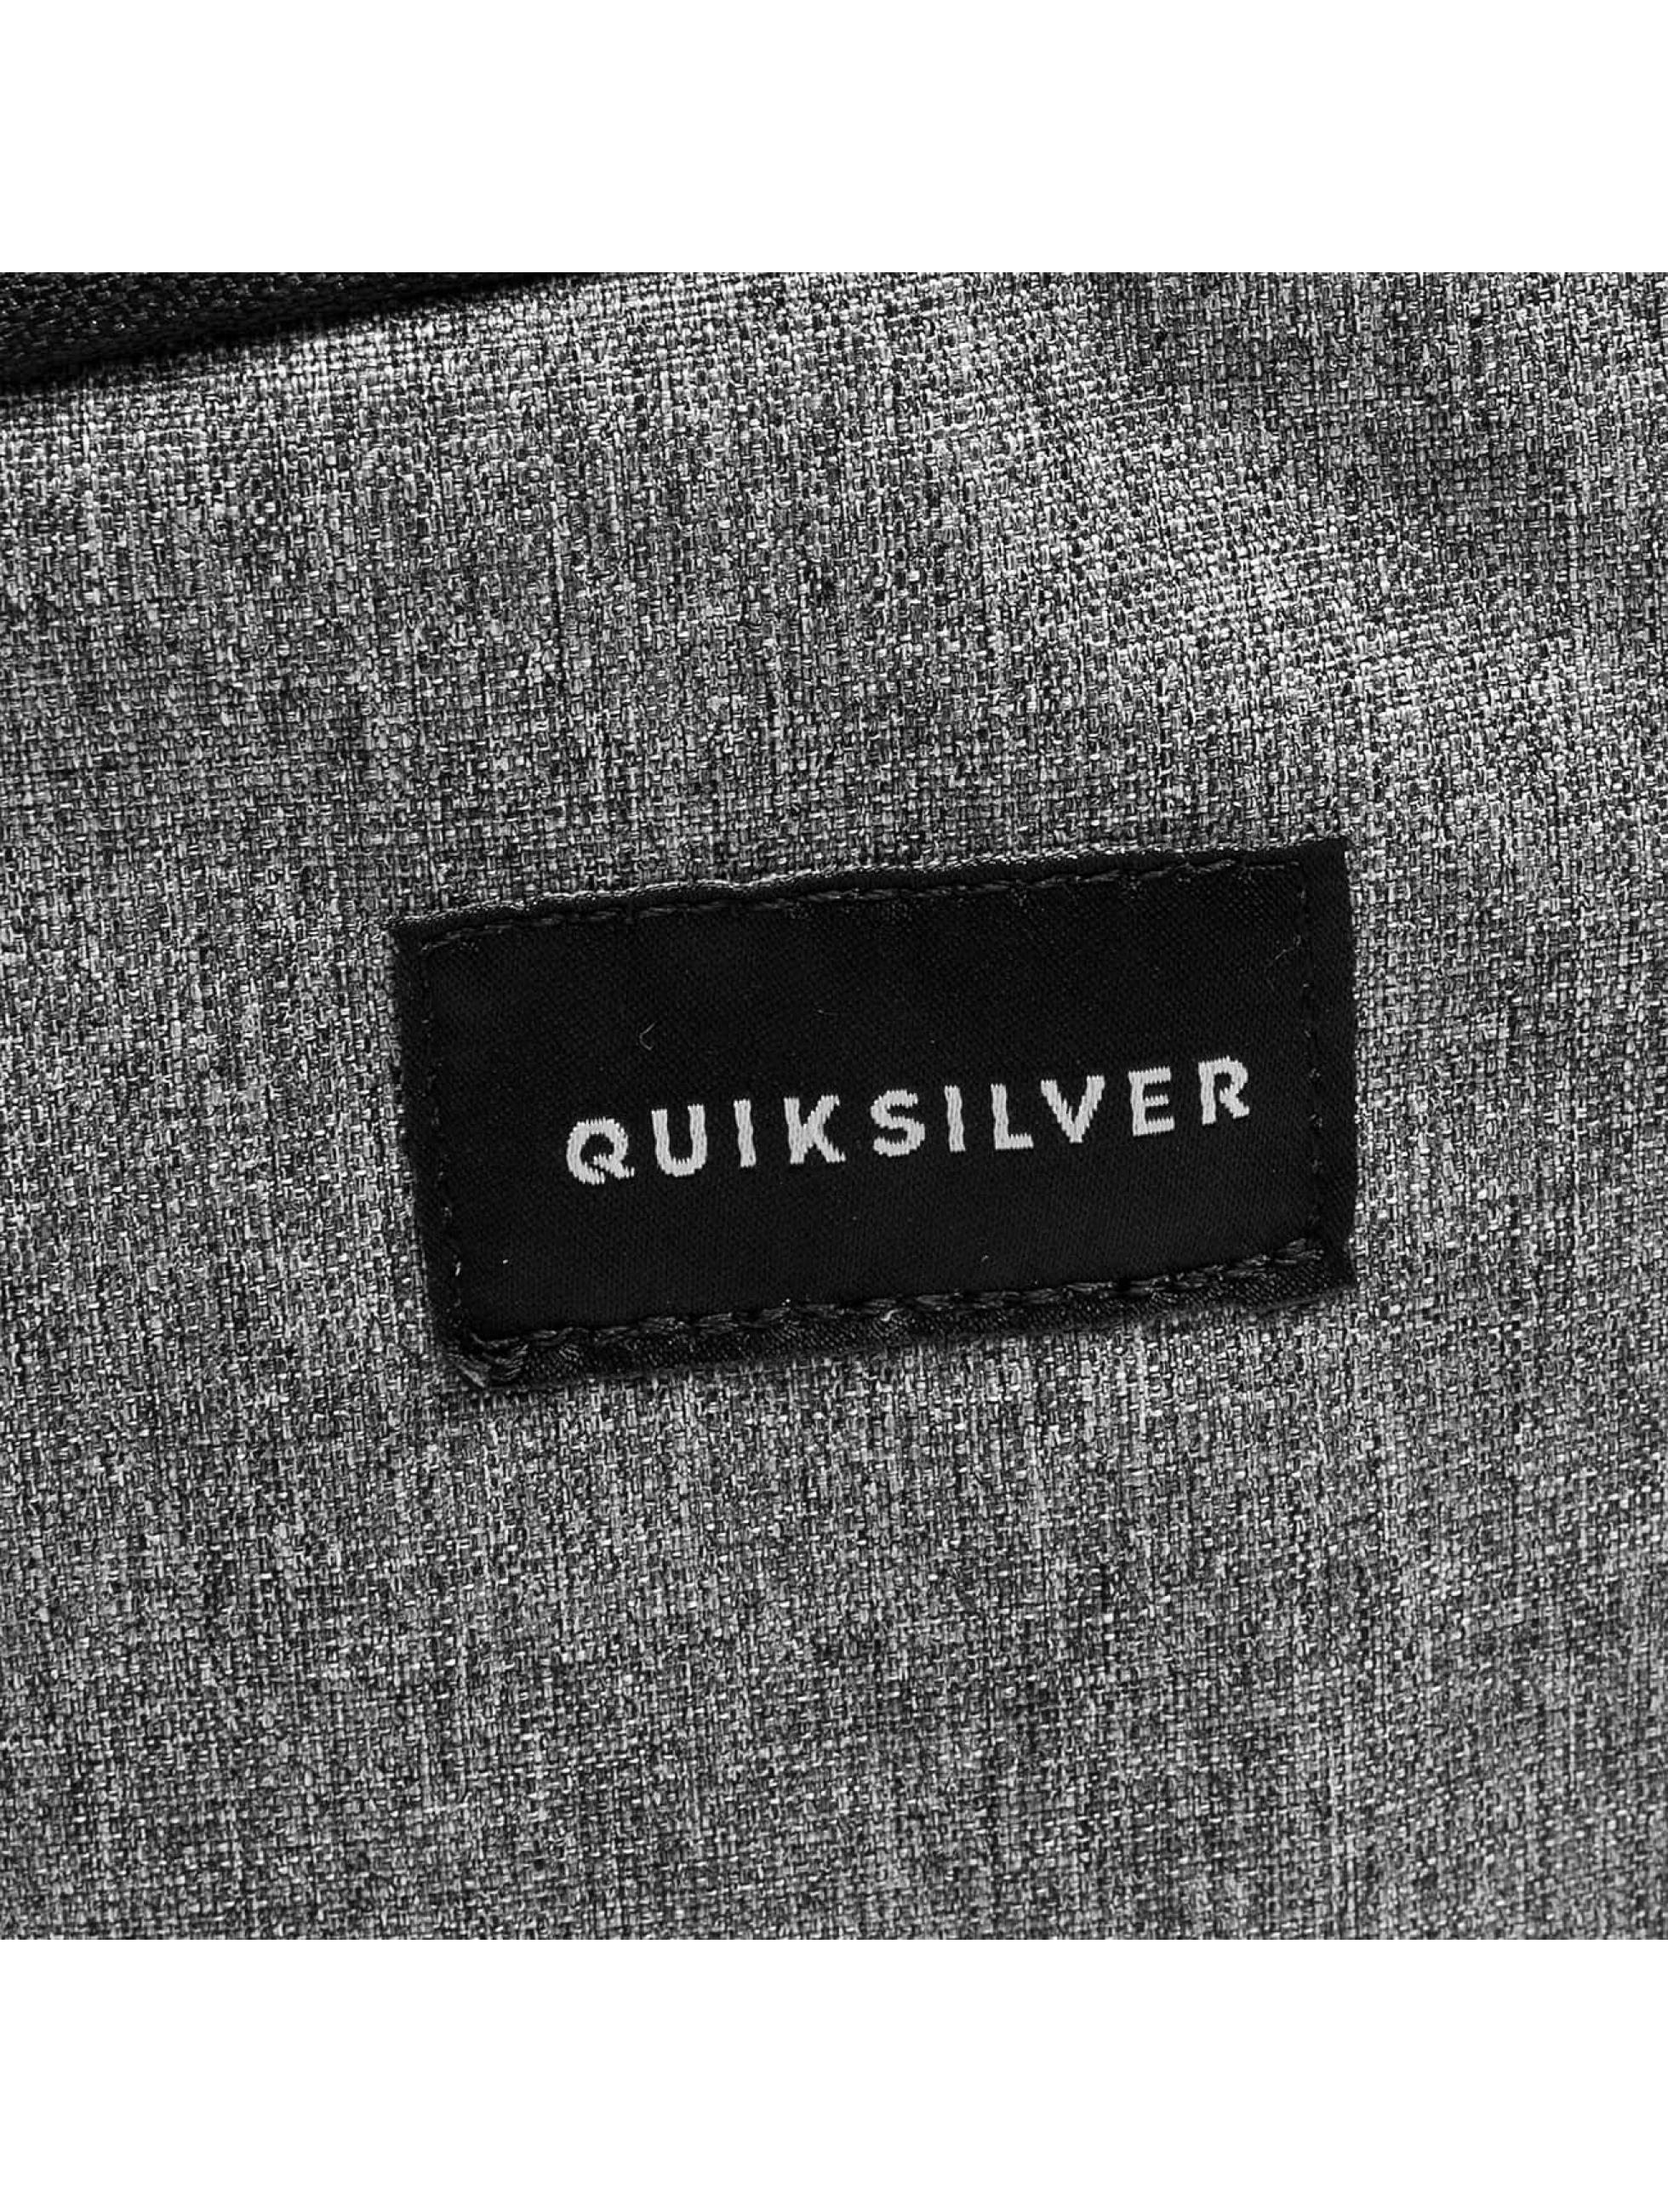 Quiksilver Sac à Dos 1969 Special gris